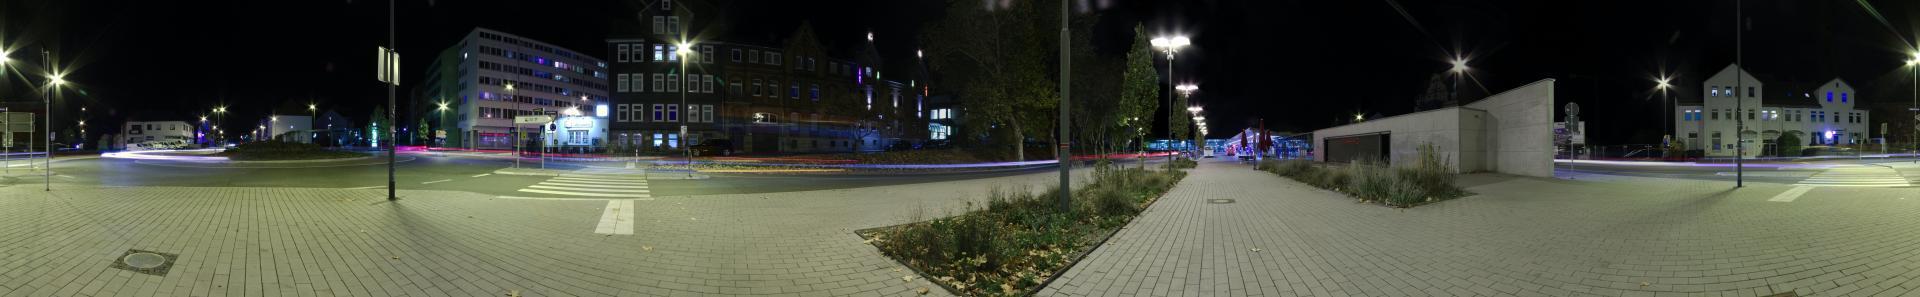 Eschweger Stadtbahnhof2